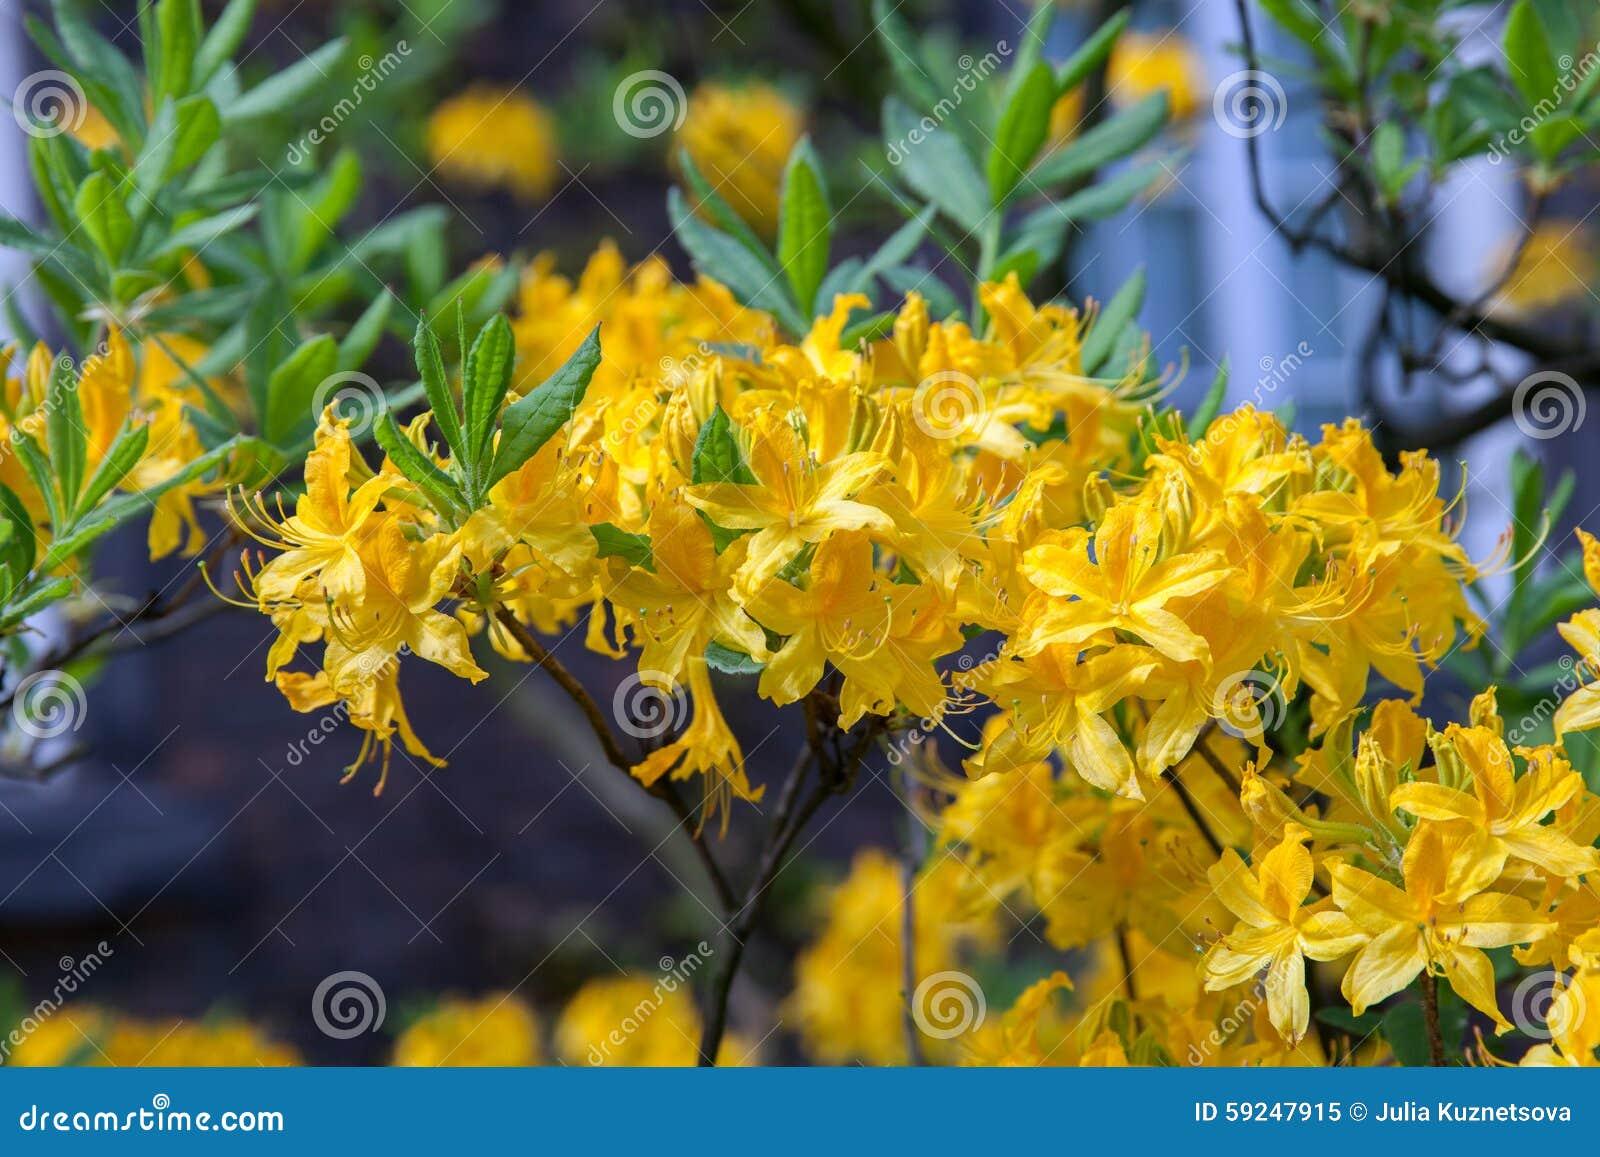 Amarillo florecido del rododendro